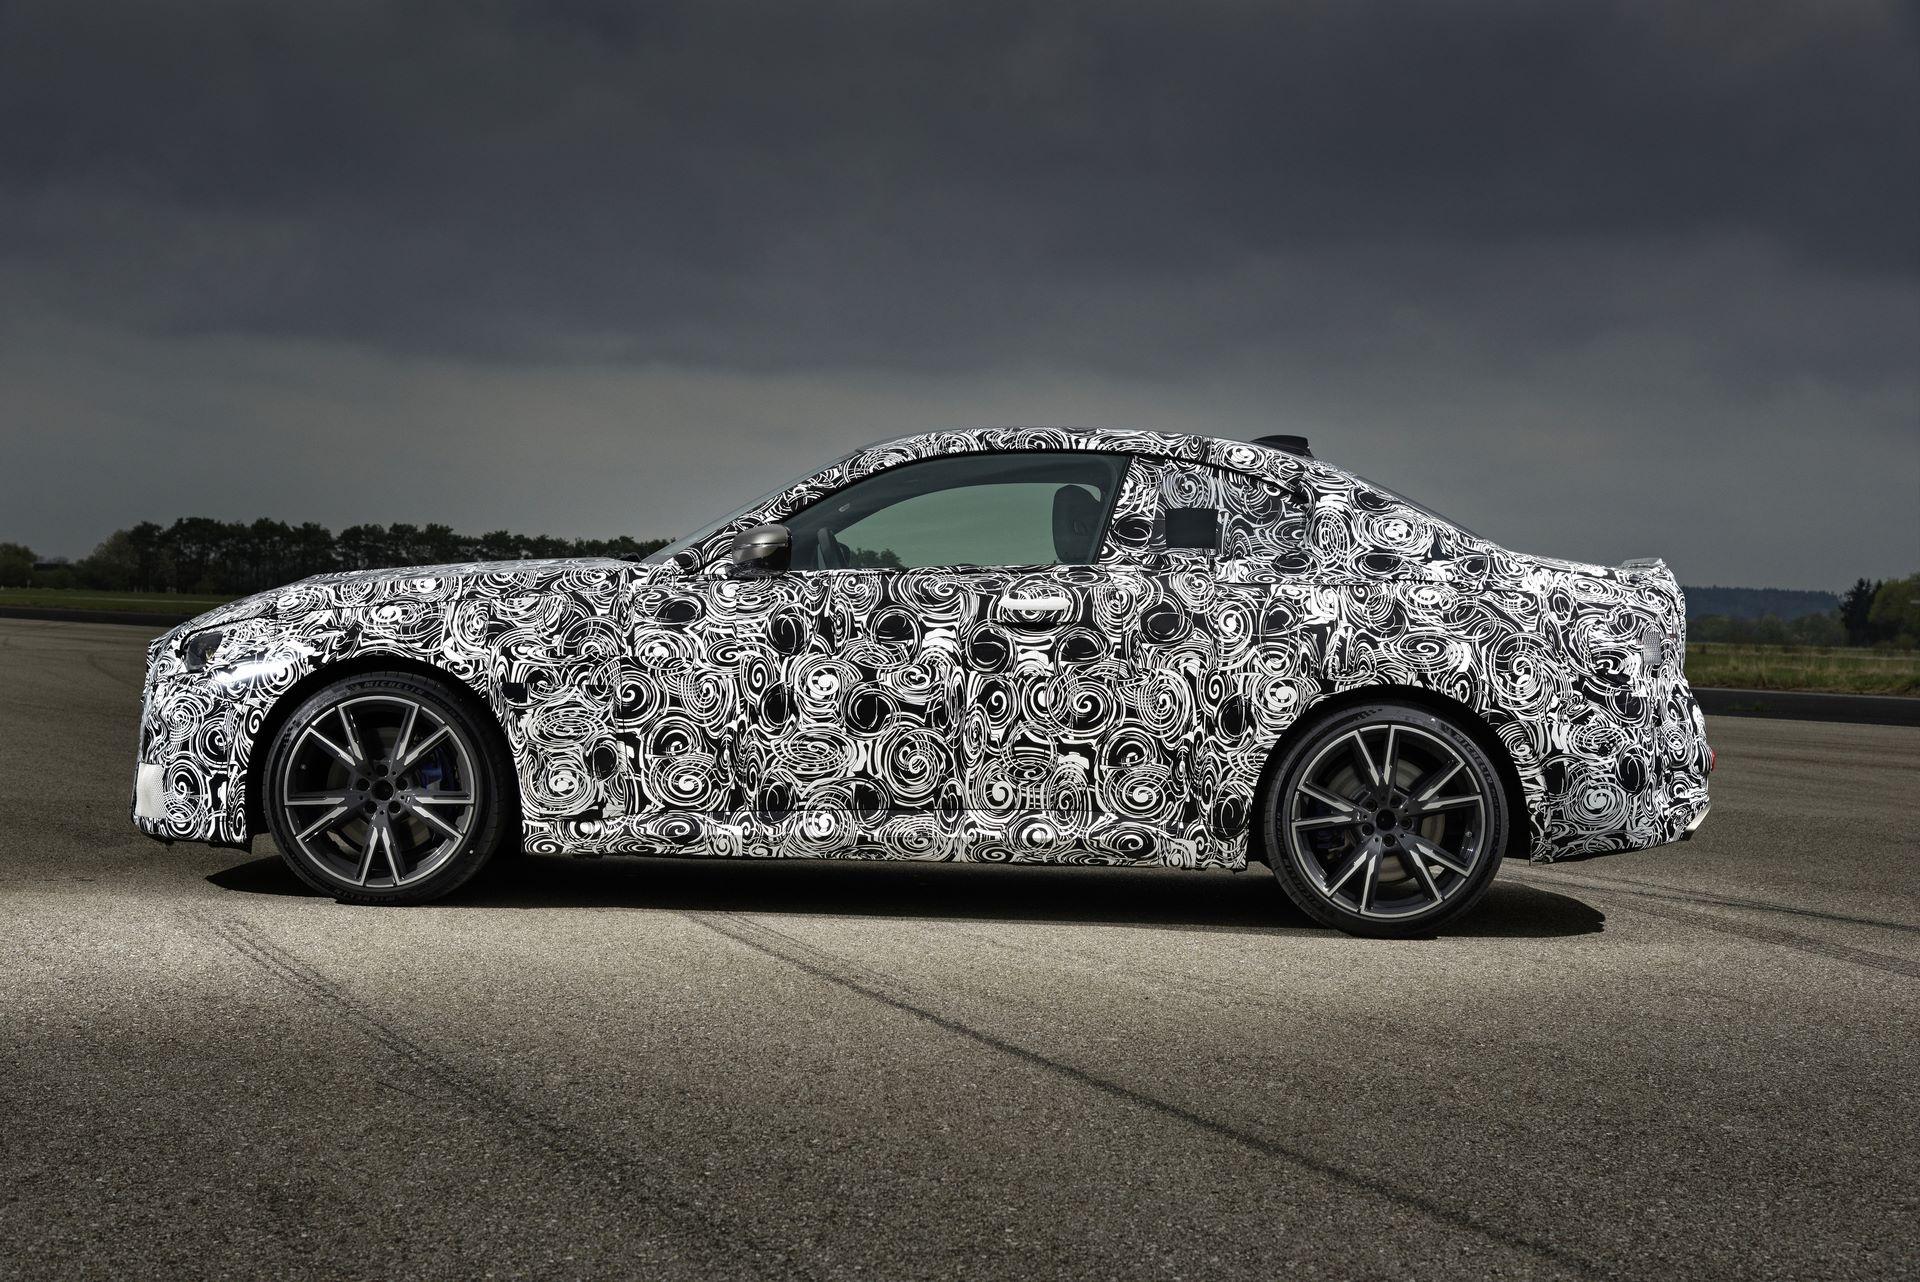 BMW-2-Series-M240i-spy-photos-103